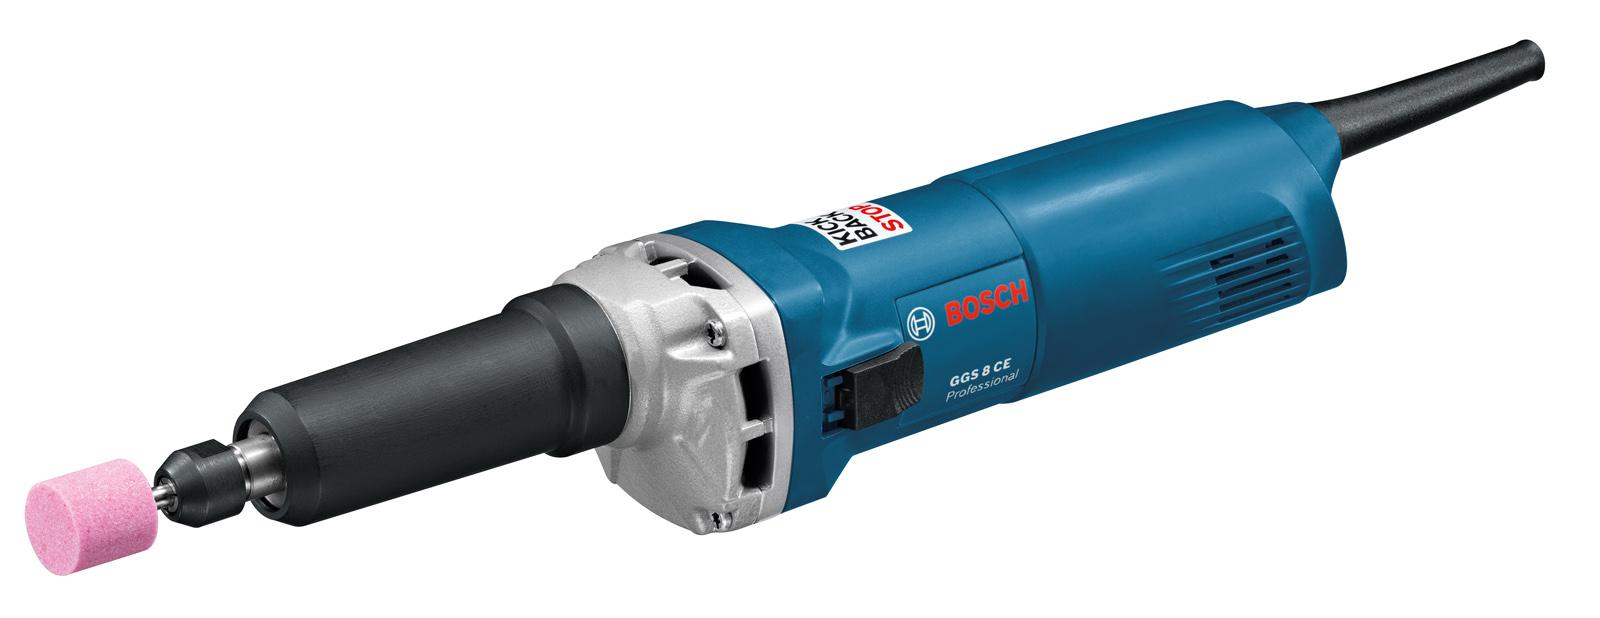 Машинка шлифовальная прямая Bosch Ggs 8 ce (0.601.222.100) цена